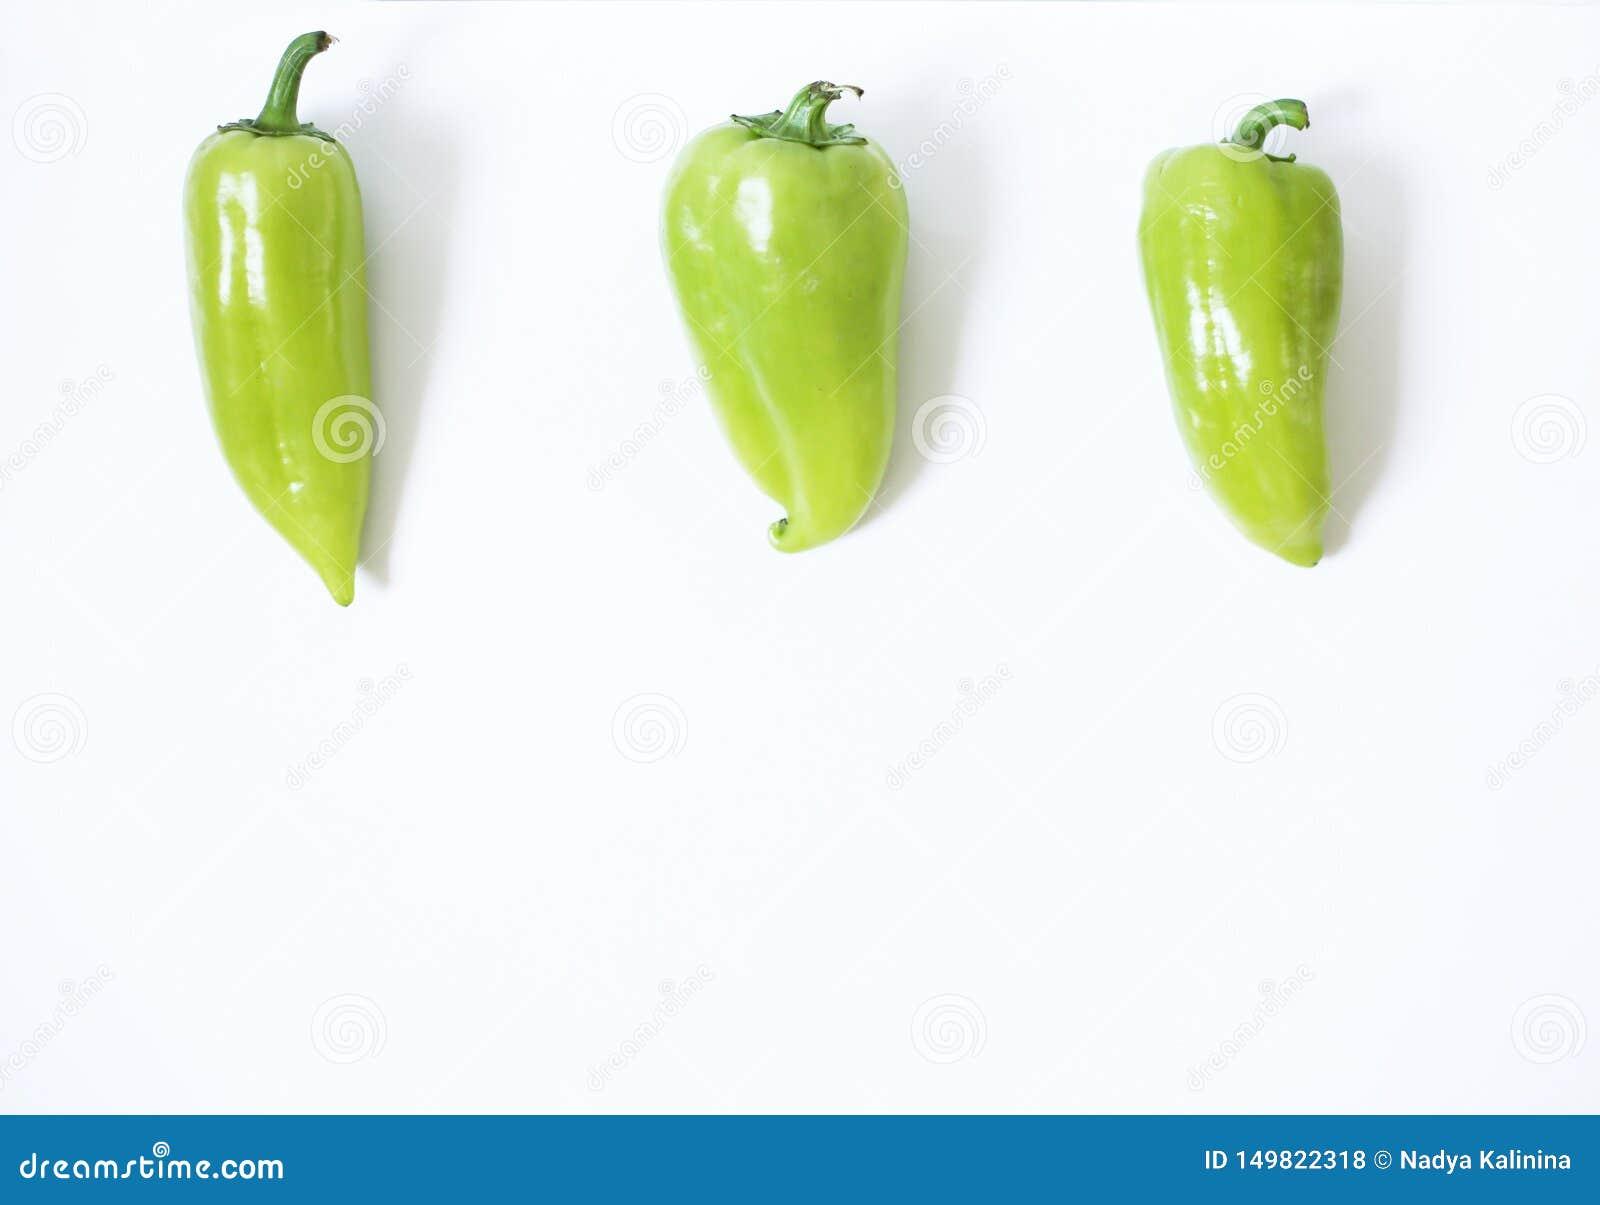 Υγιής vegan έννοια τροφίμων πράσινα πιπέρια σε ένα άσπρο υπόβαθρο